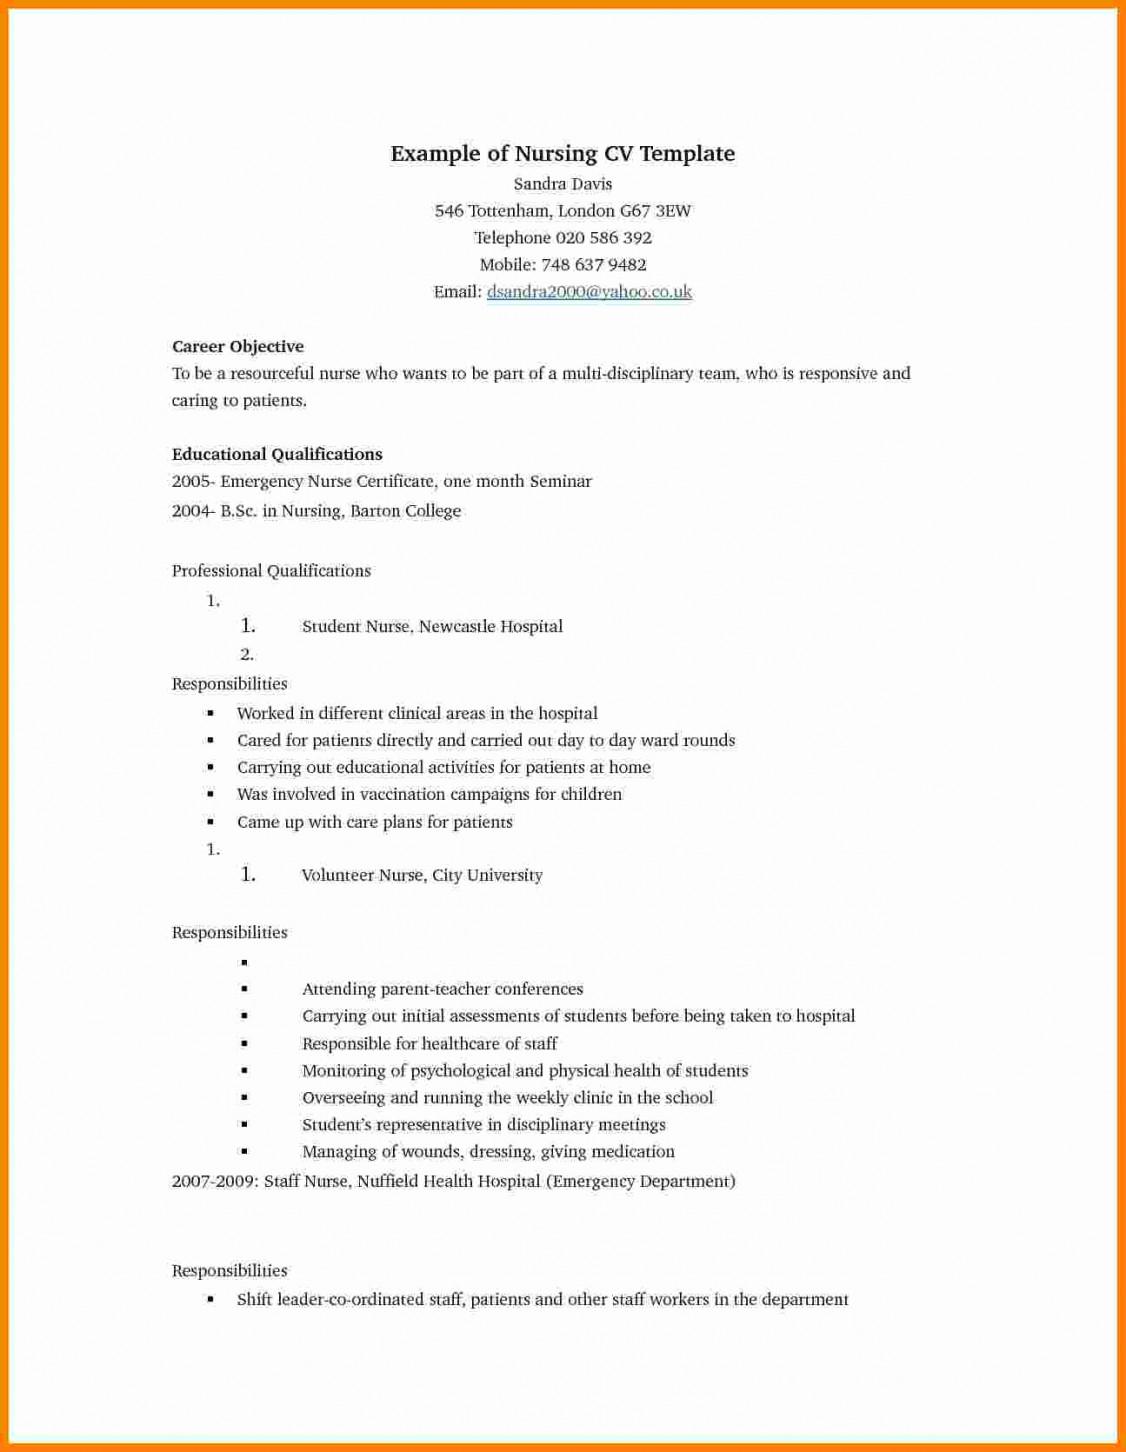 Template Curriculum Vitae Nursing Example